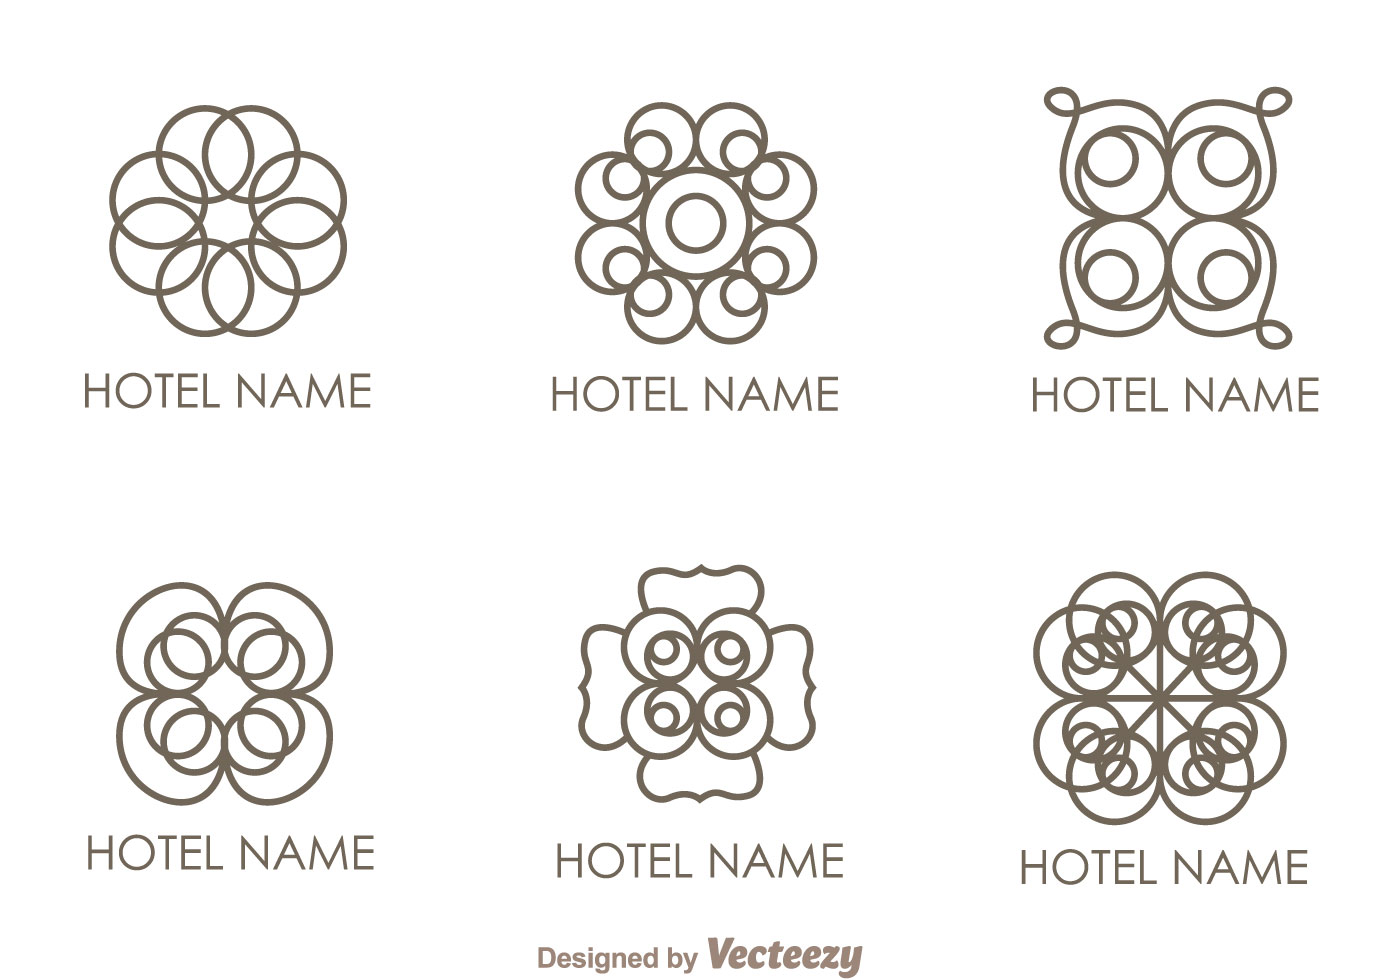 floral ornament hotel logo vectors download free vector